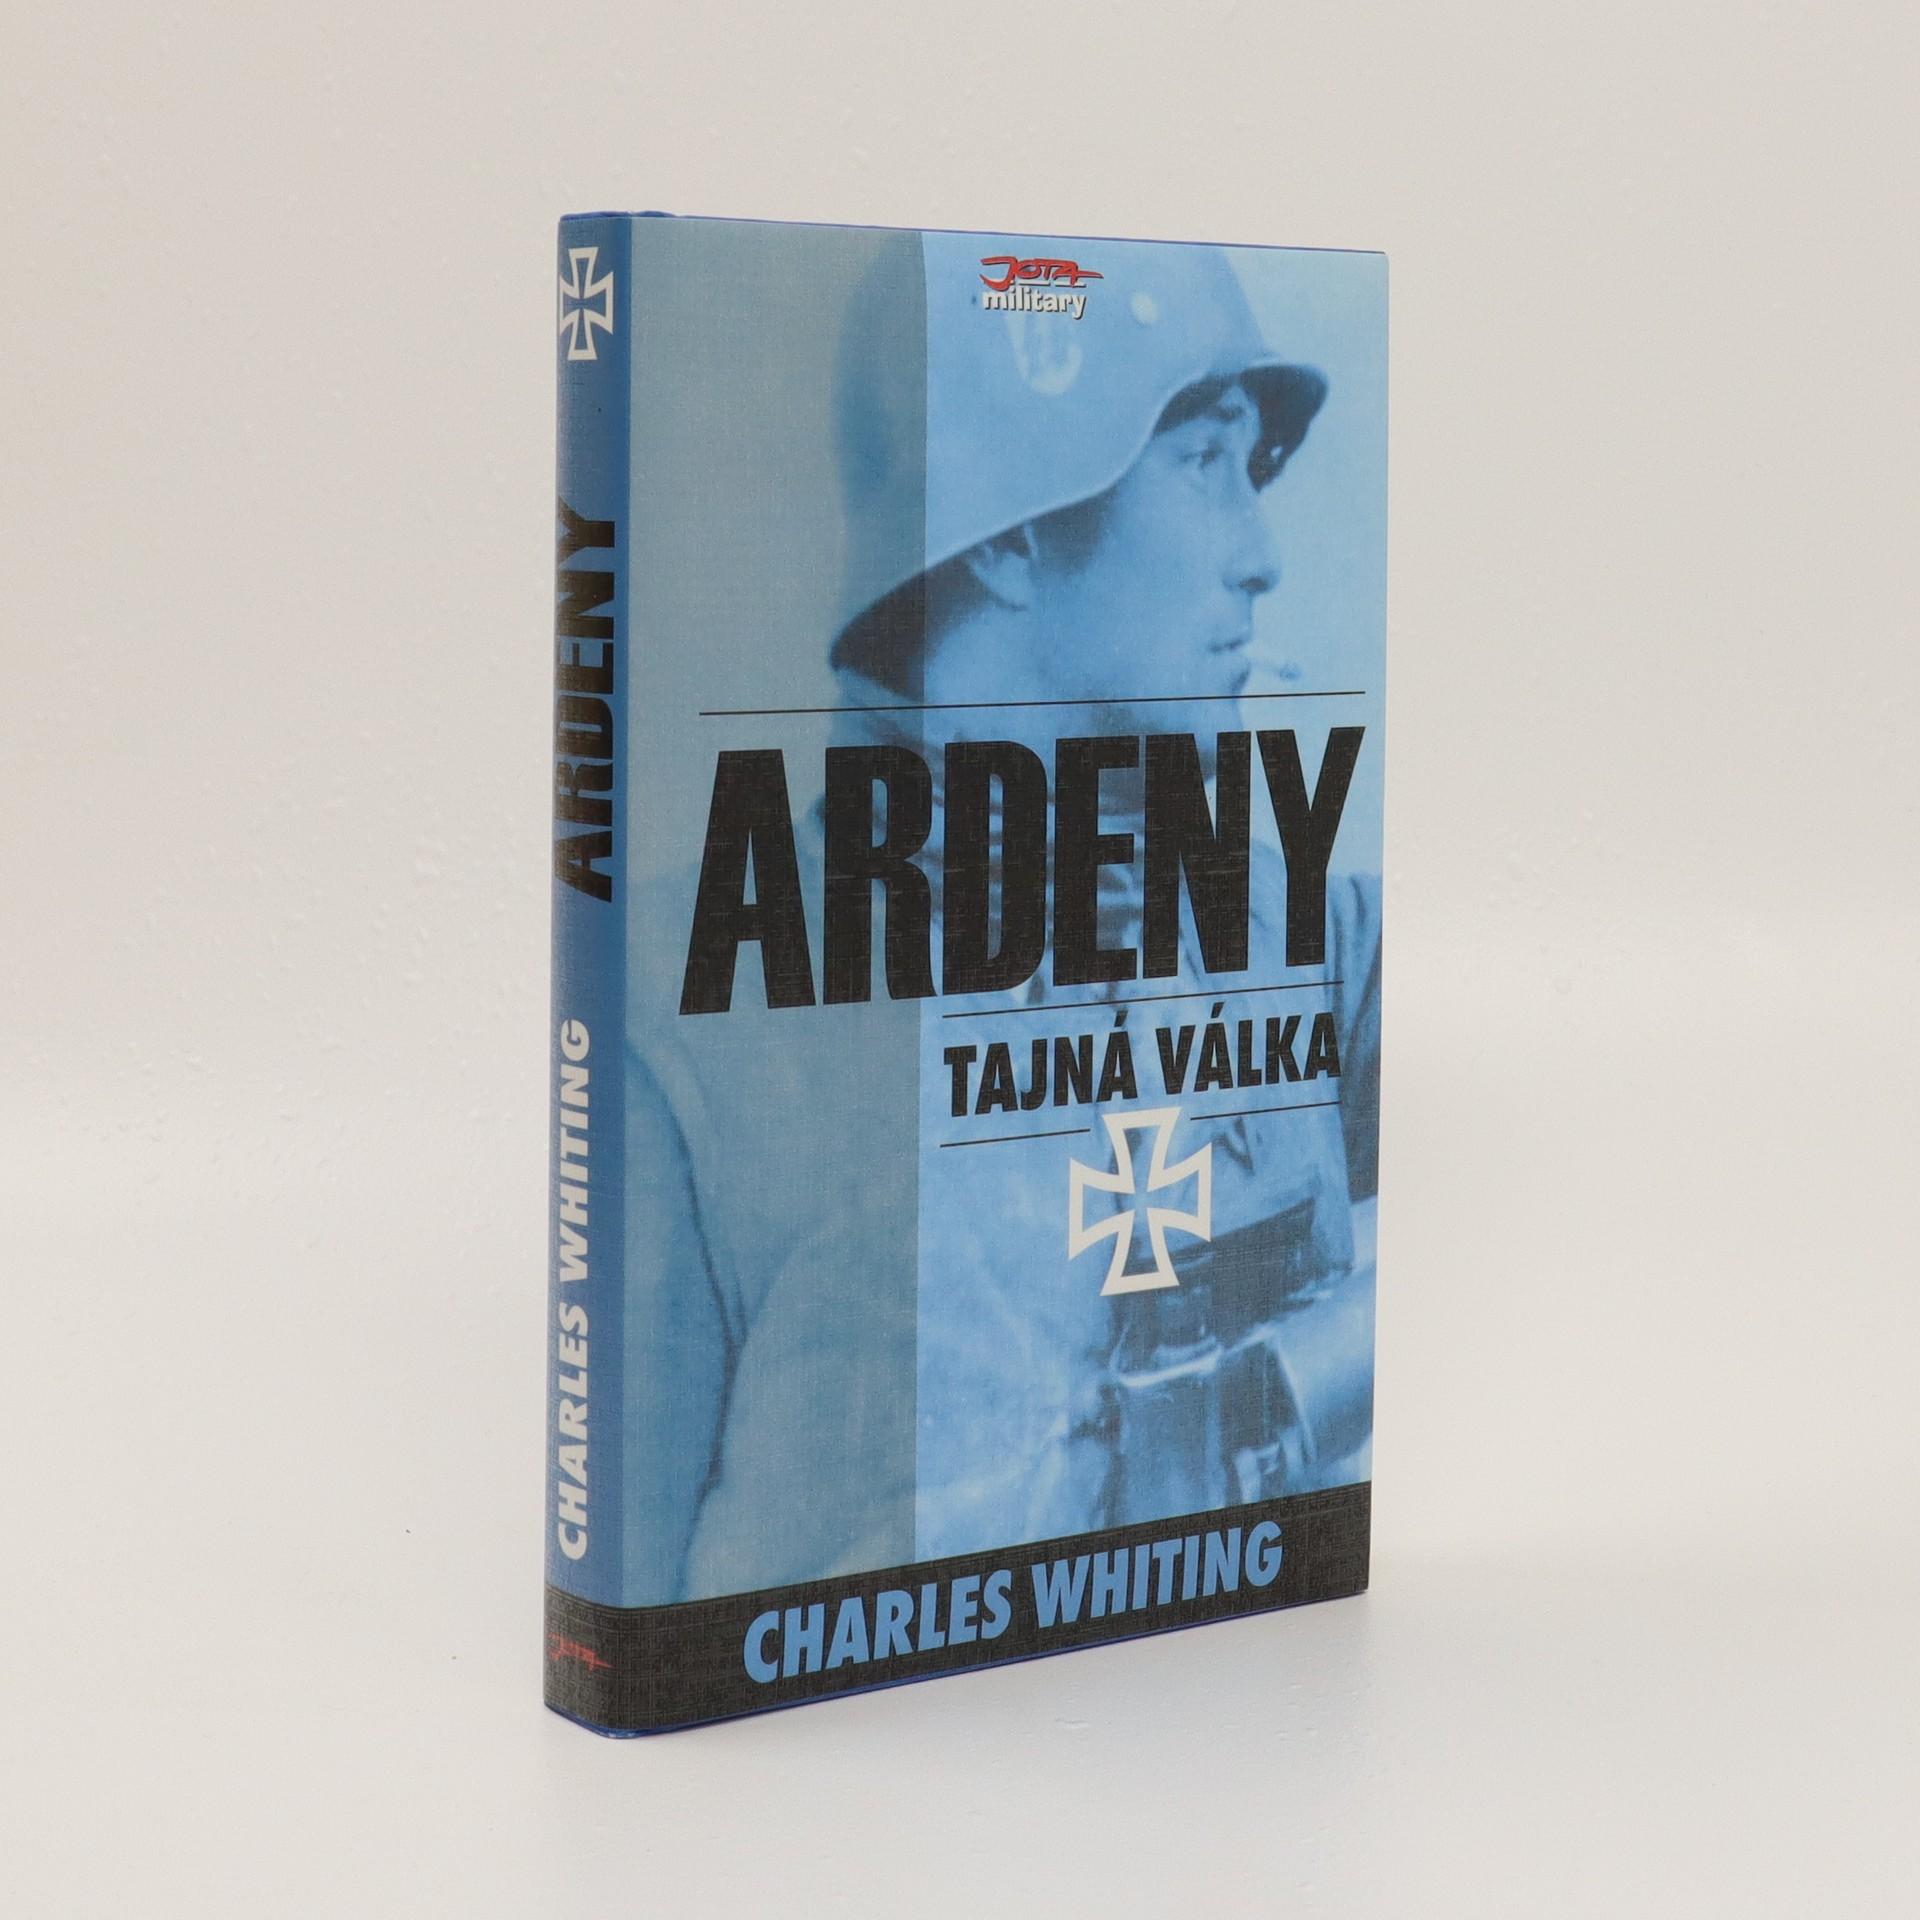 antikvární kniha Ardeny: tajná válka, 2002